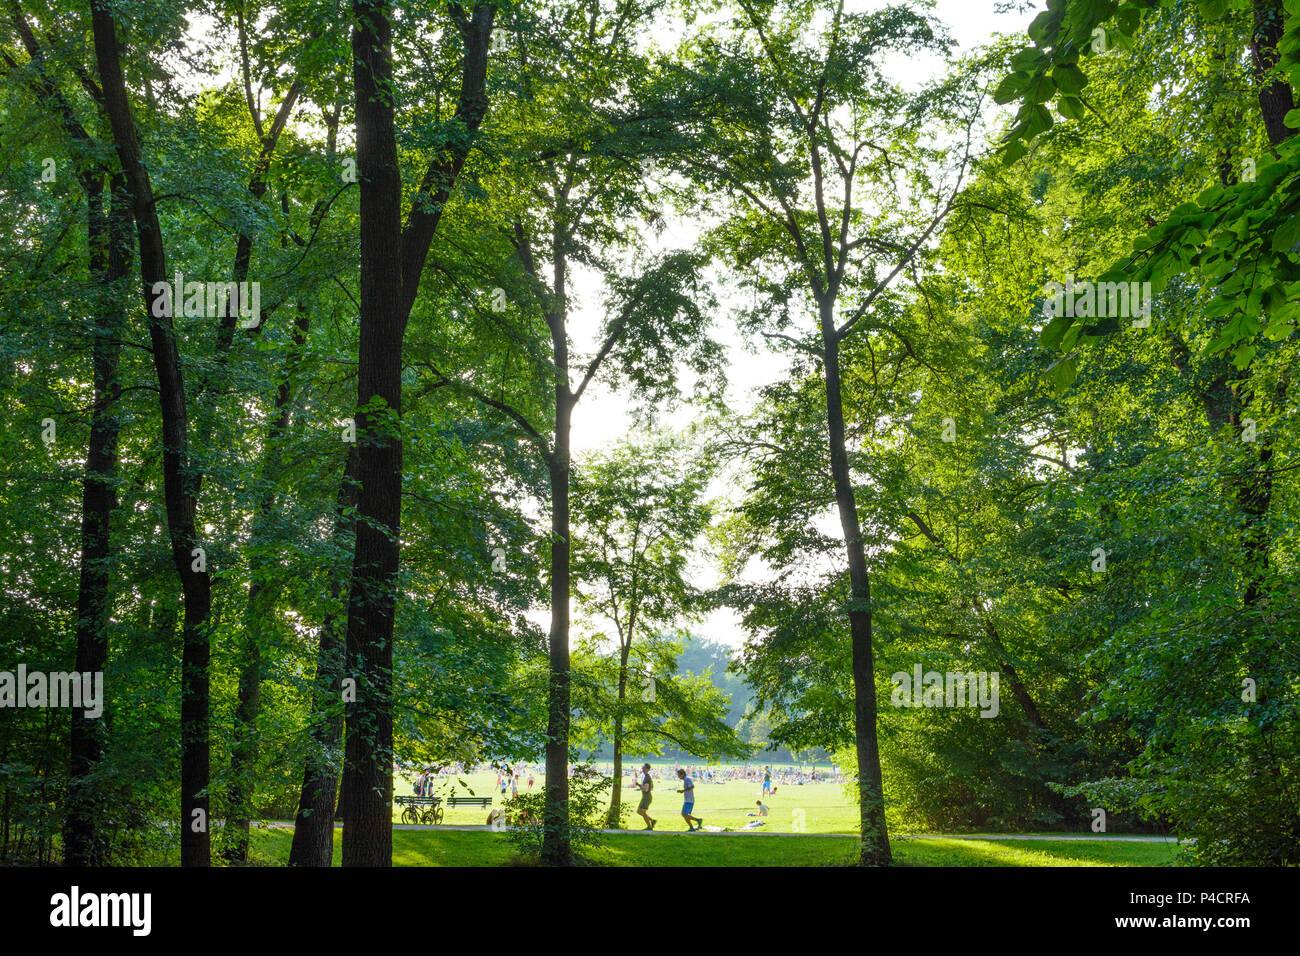 Munich, Englischer Garten (English Garden), view to Monopteros, stream Schwabinger Bach, sunbather, jogger, people, Upper Bavaria, Bavaria, Germany - Stock Image